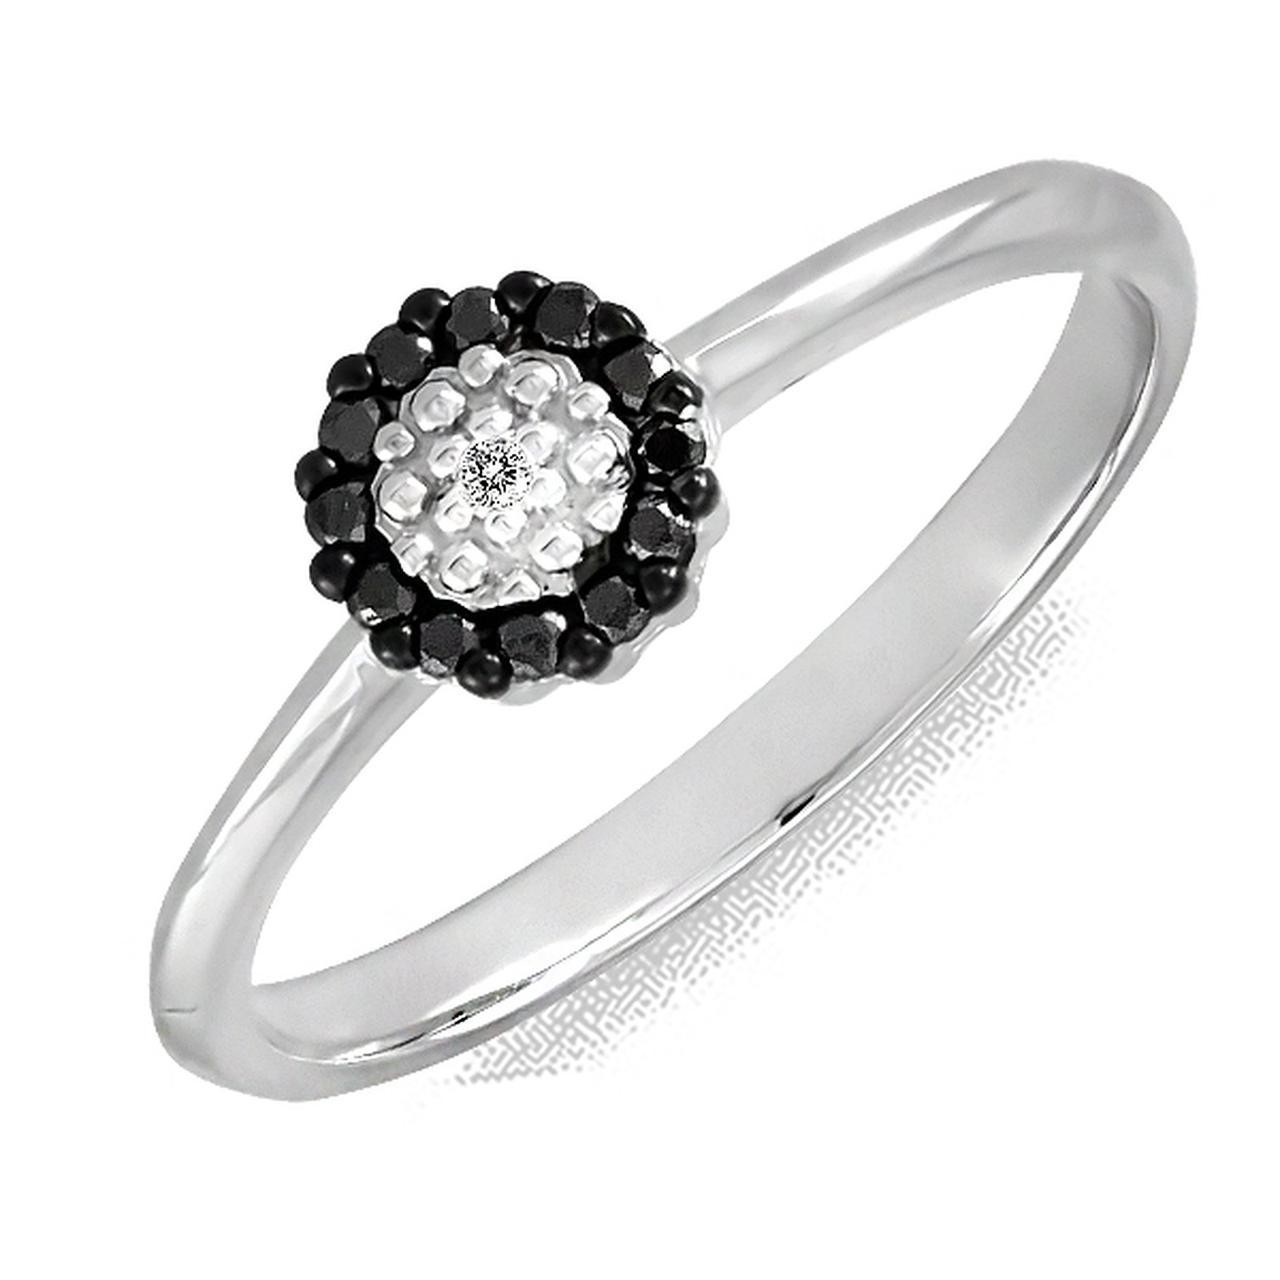 Золотое кольцо с бриллиантами, размер 16 (191446)